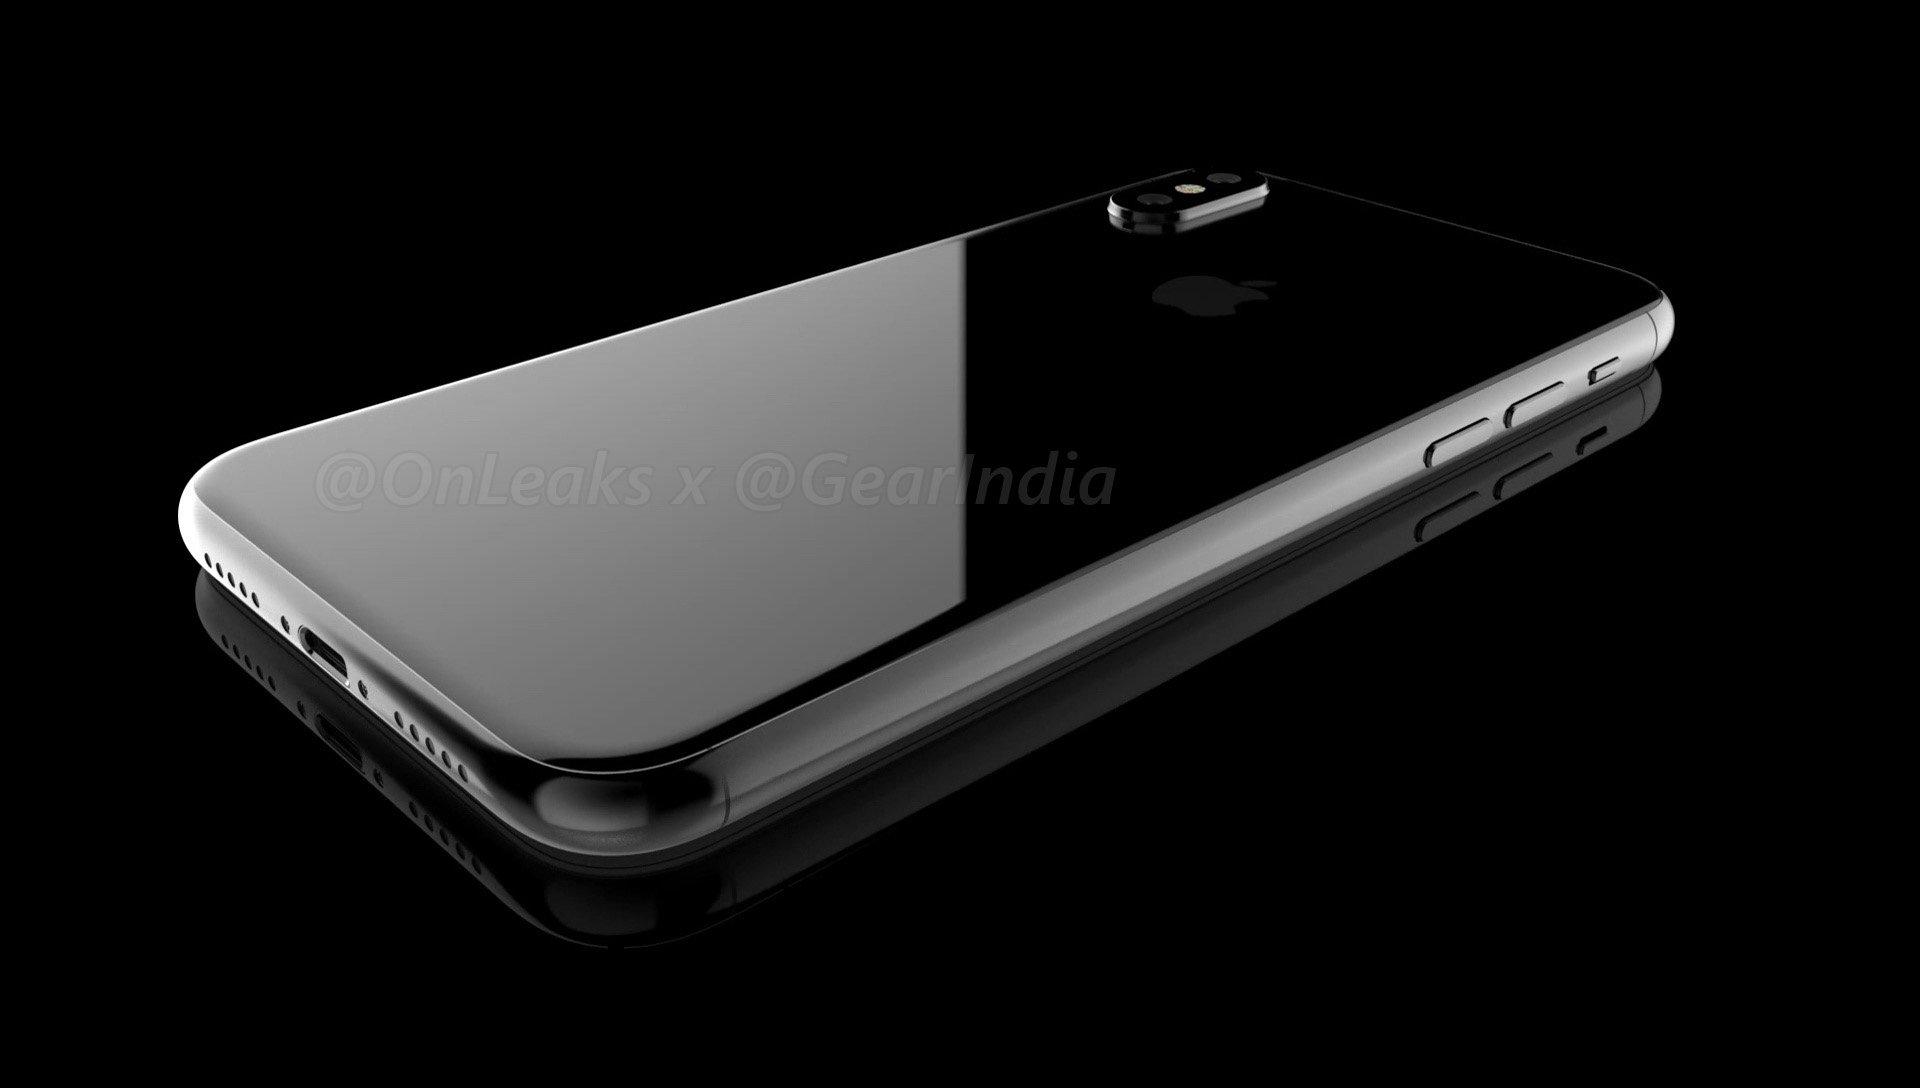 Kupienie jubileuszowego iPhone'a będzie praktycznie niemożliwe. Przez... Samsunga 27